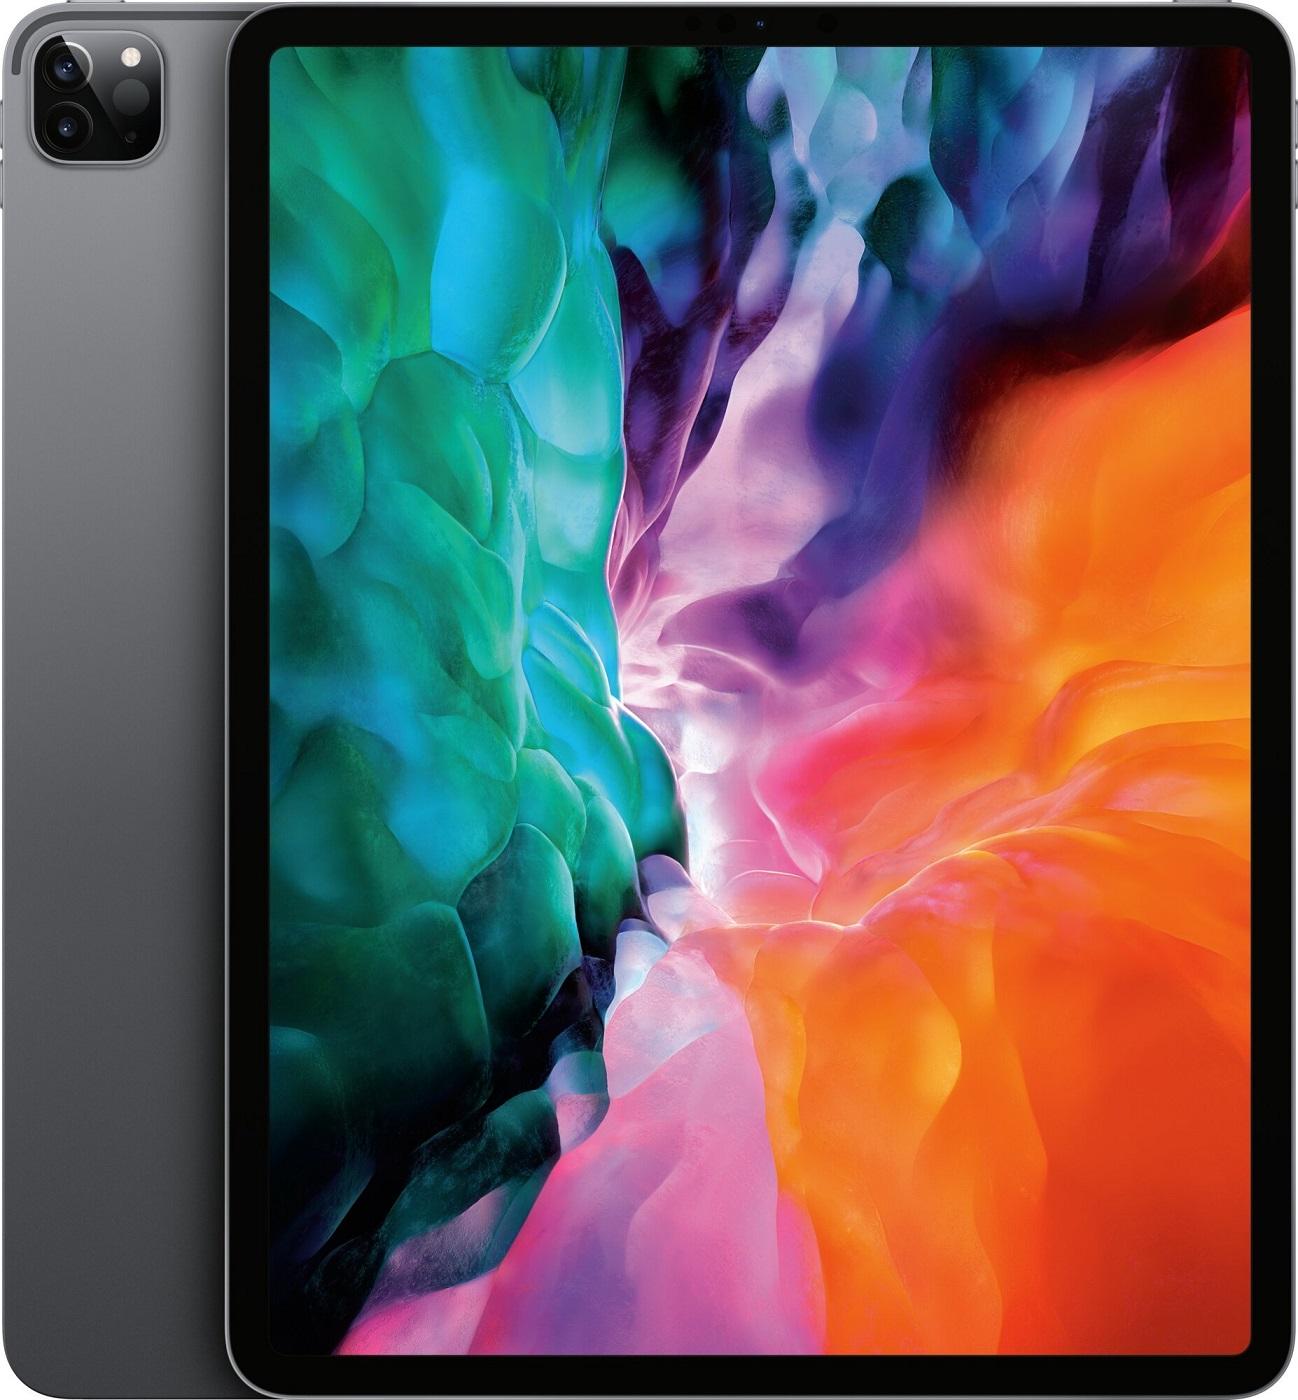 11'' iPadPro Wi-Fi + Cellular 1TB - Space Grey